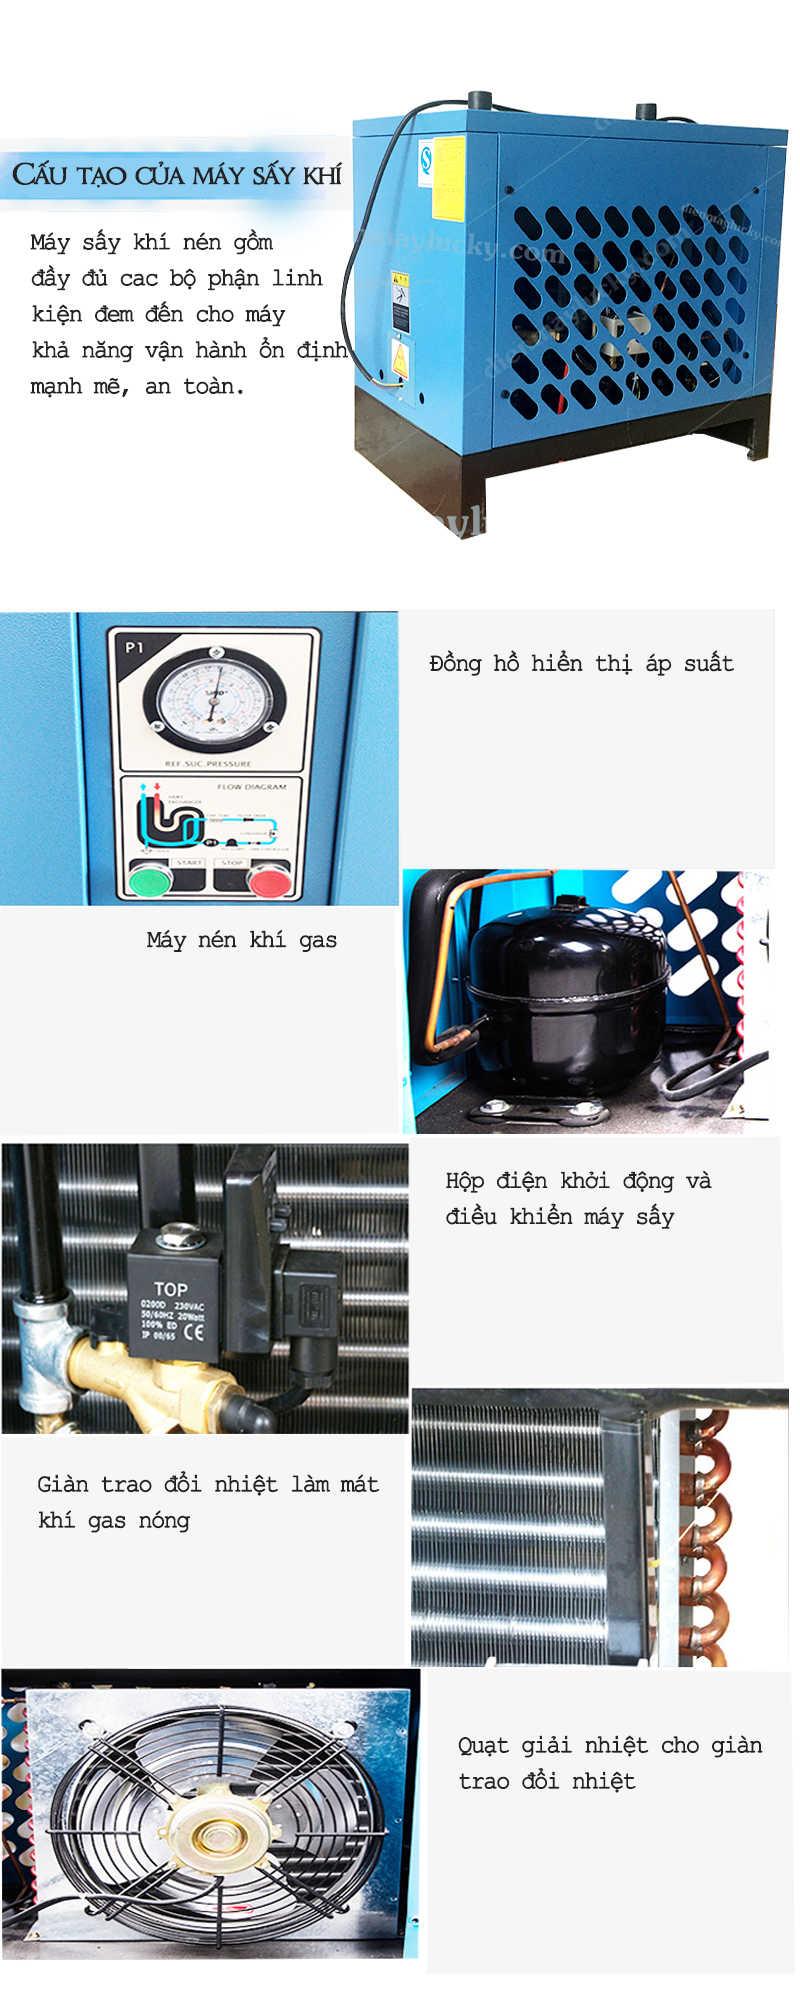 máy sấy khí